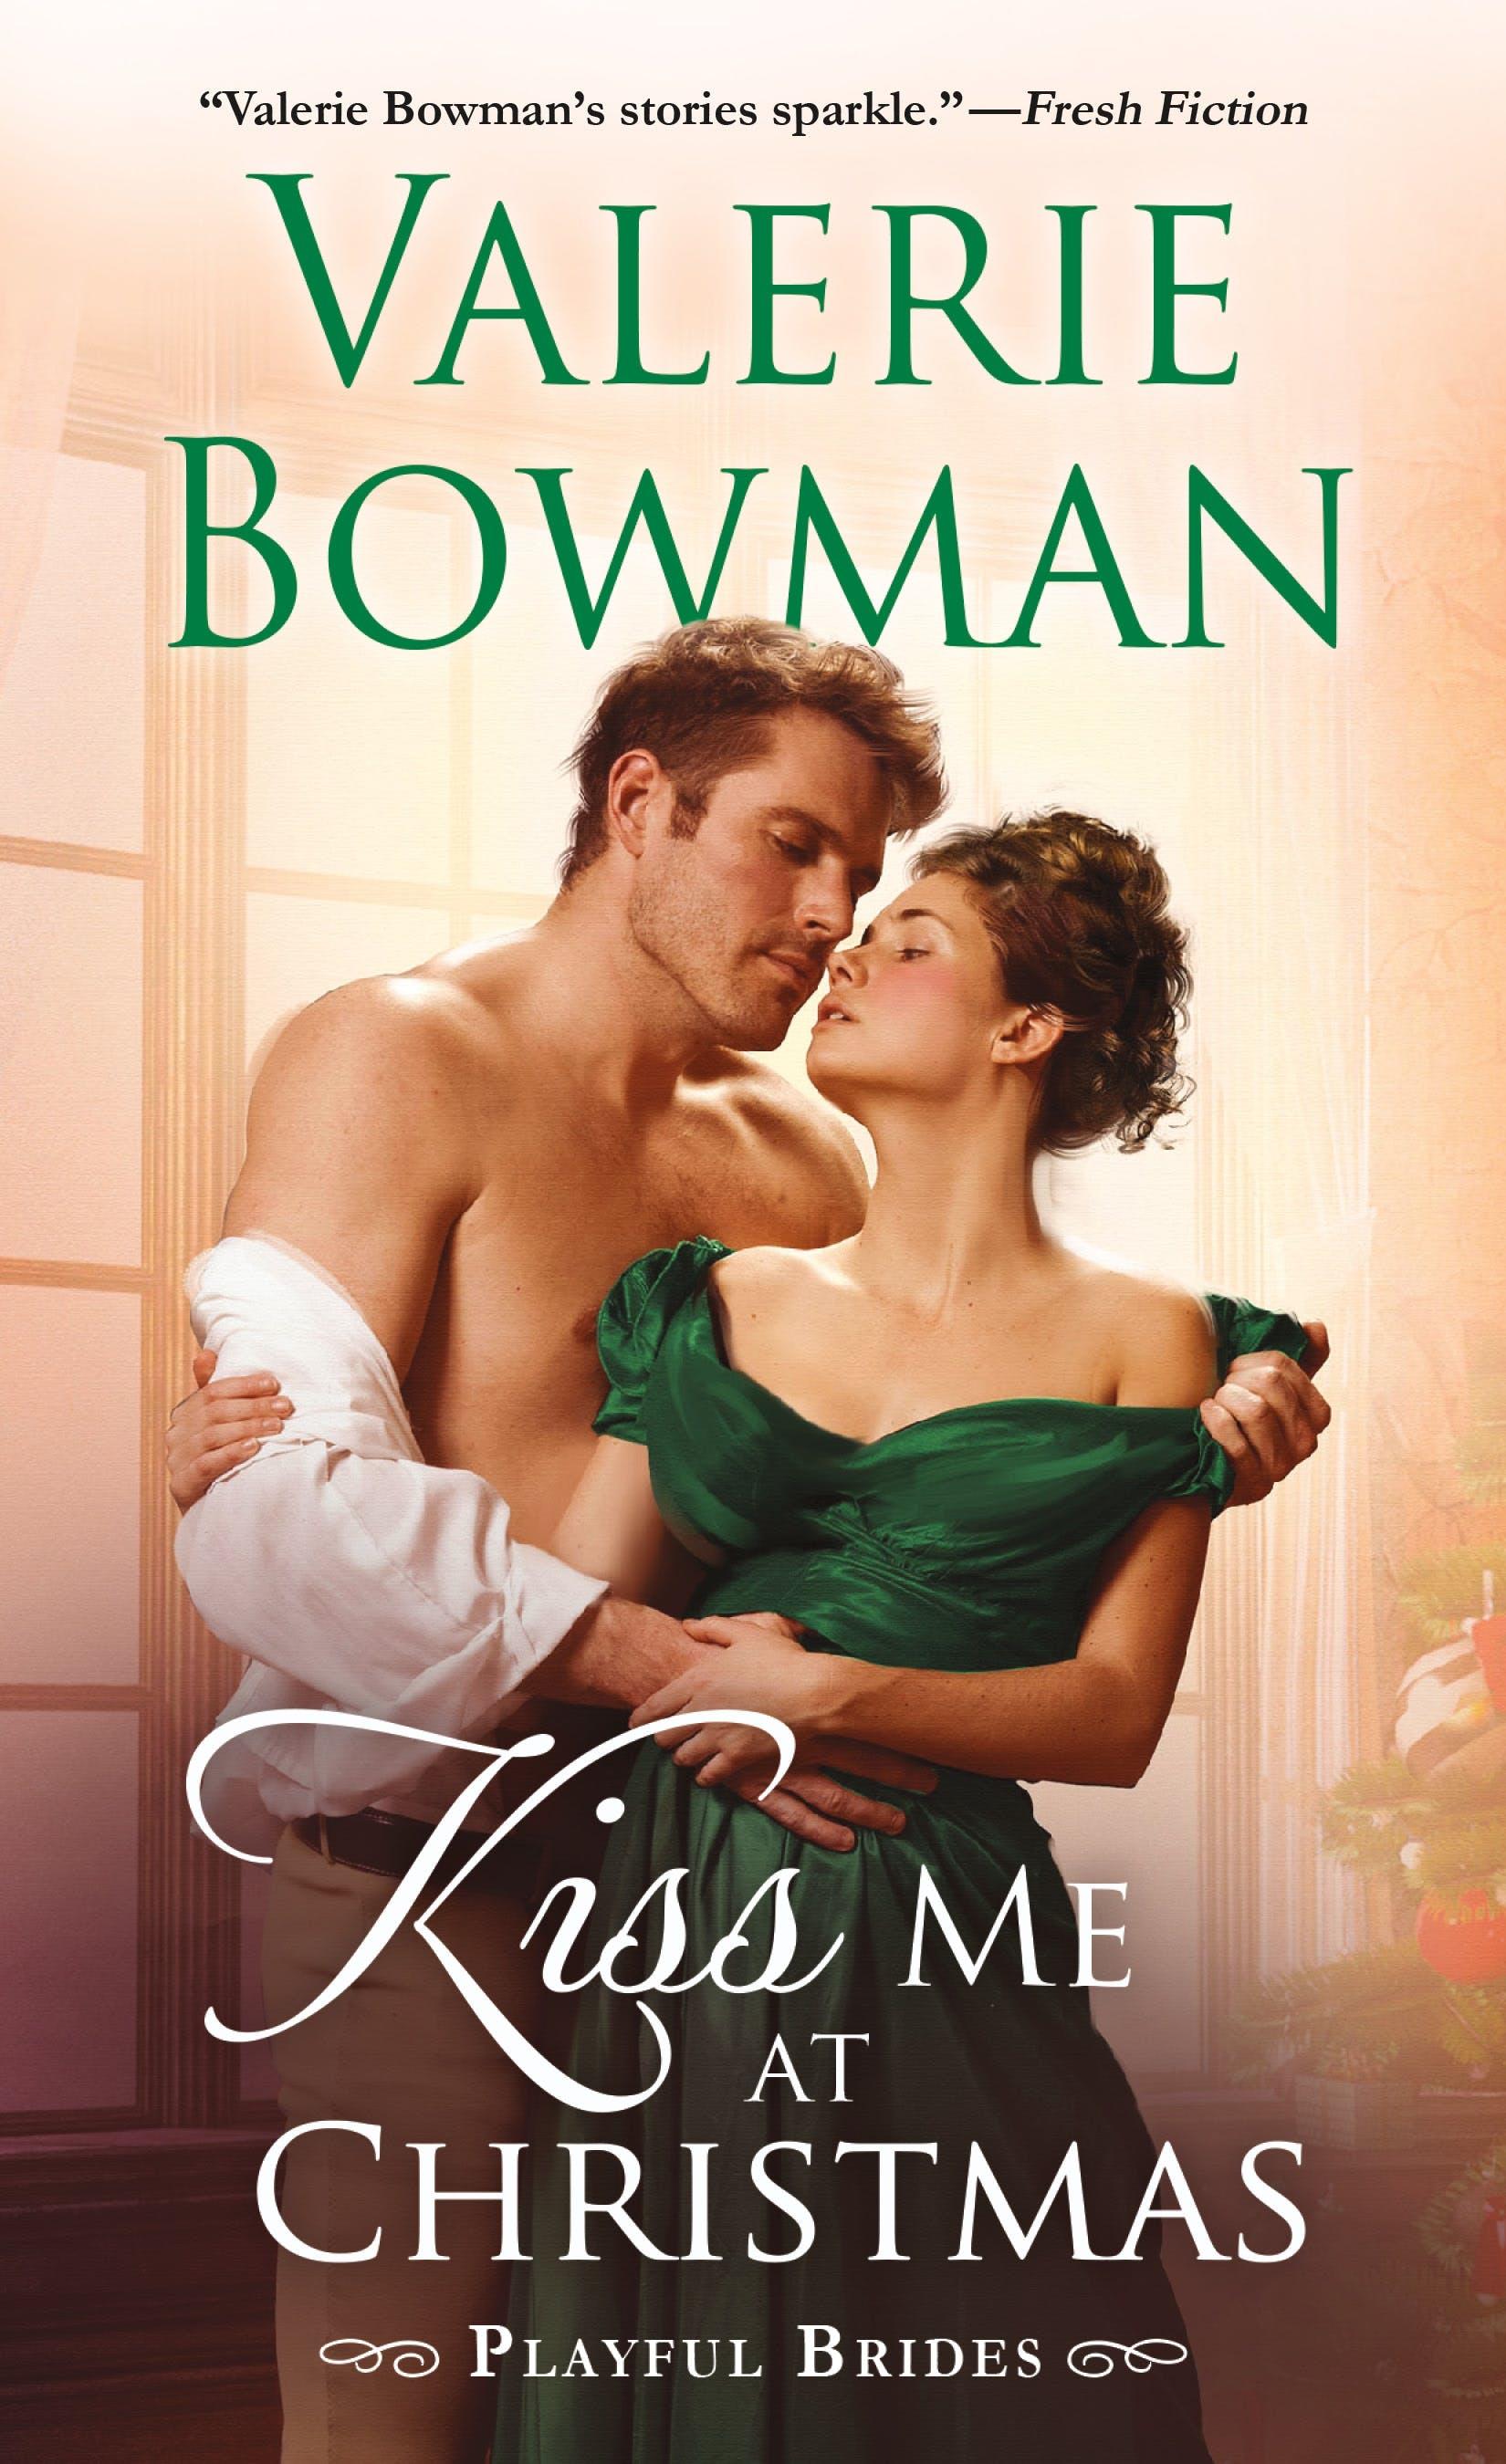 Image of Kiss Me at Christmas